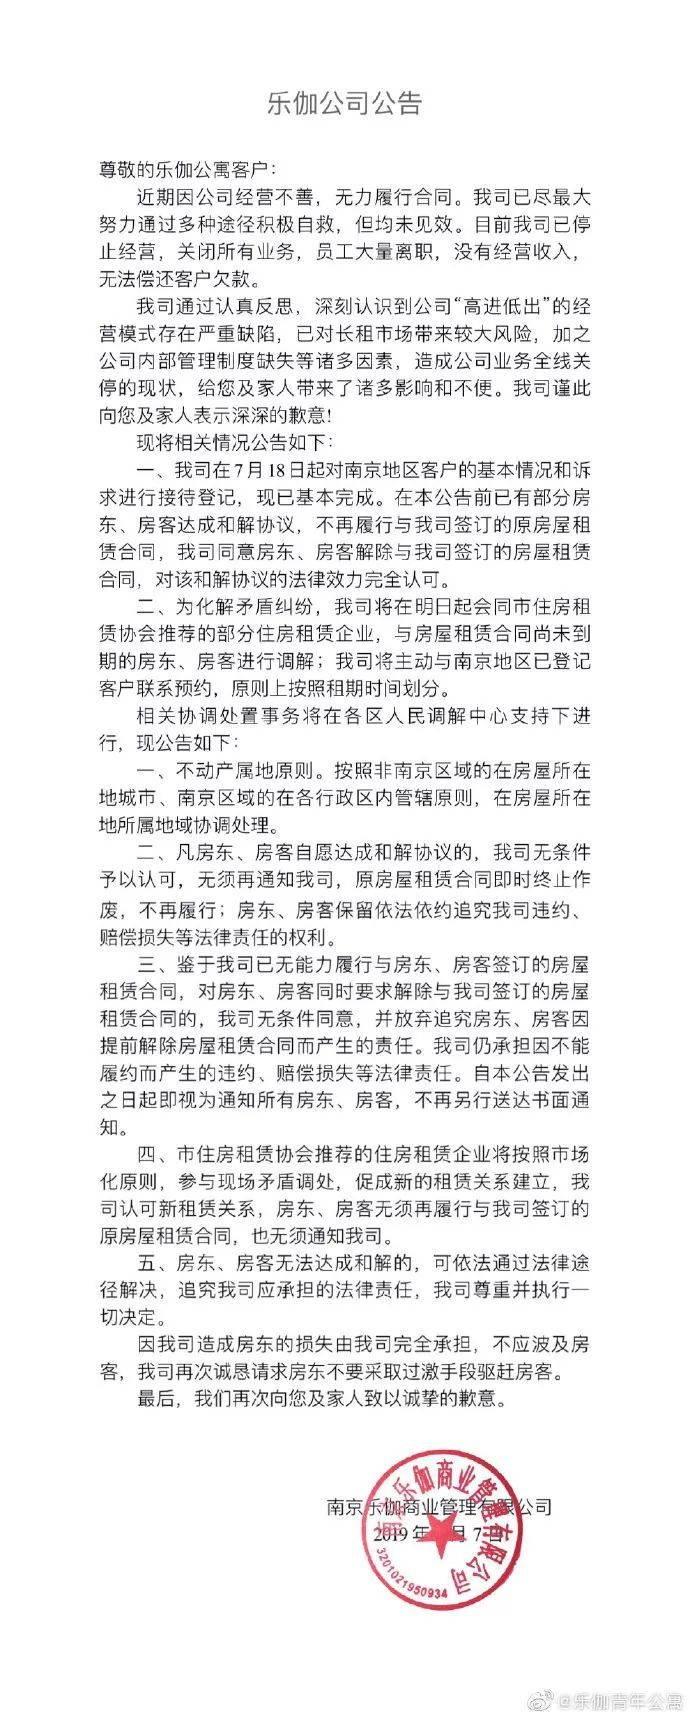 乐伽公寓辟谣后宣布倒闭 租客:让我们流落街头吗?-玩懂手机网 - 玩懂手机第一手的手机资讯网(www.wdshouji.com)